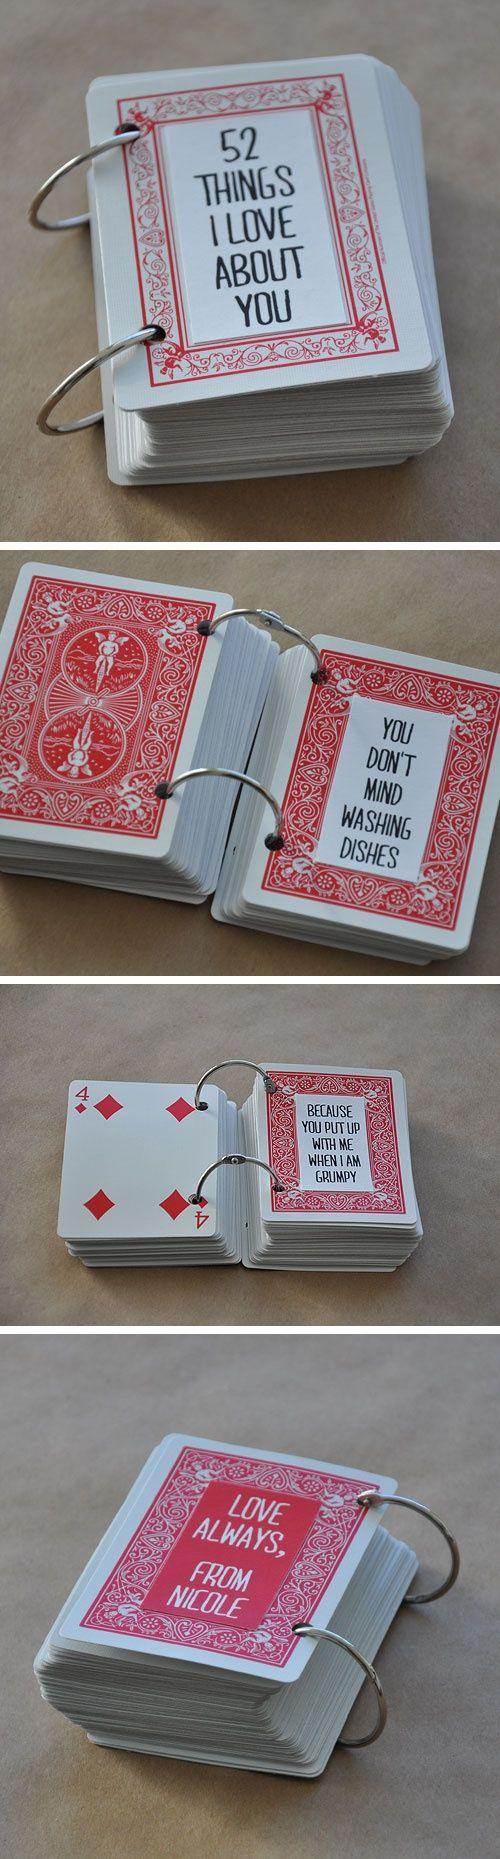 Pour votre St Valentin <3 peut convenir des deux côtés, et en plus c'est trop mignon ;)